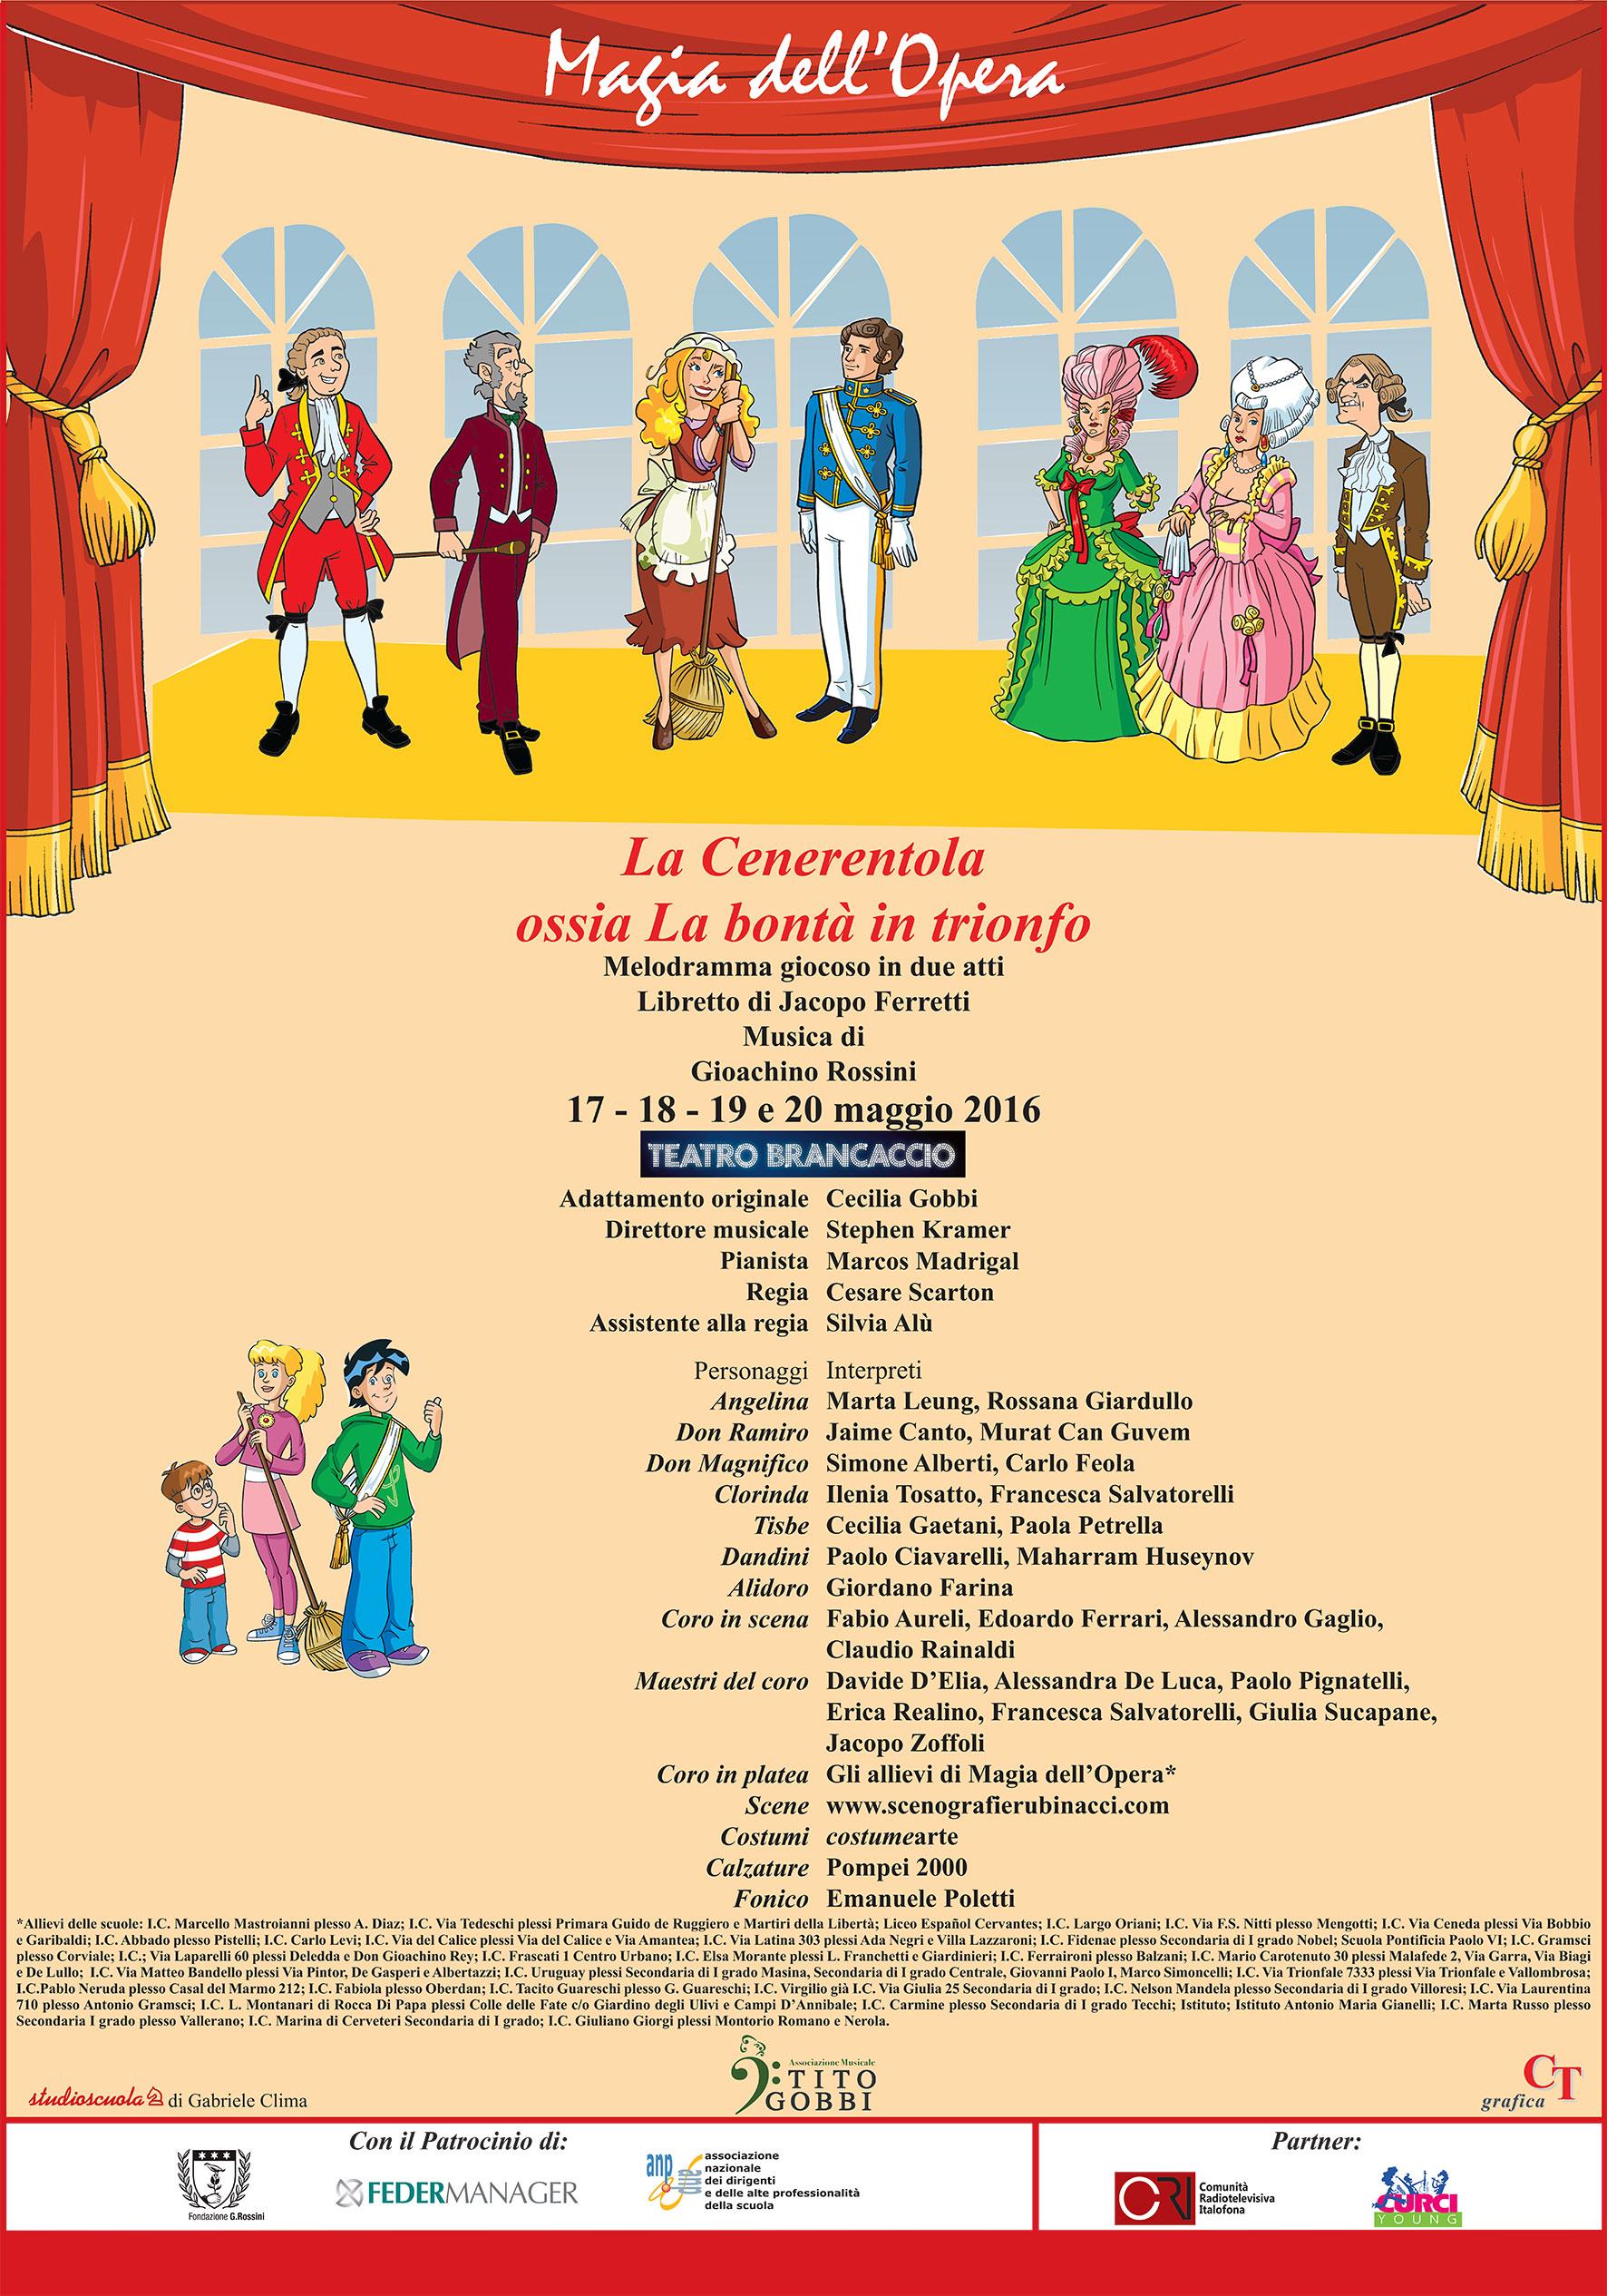 Locandina-70x100_Roma060516_WEB